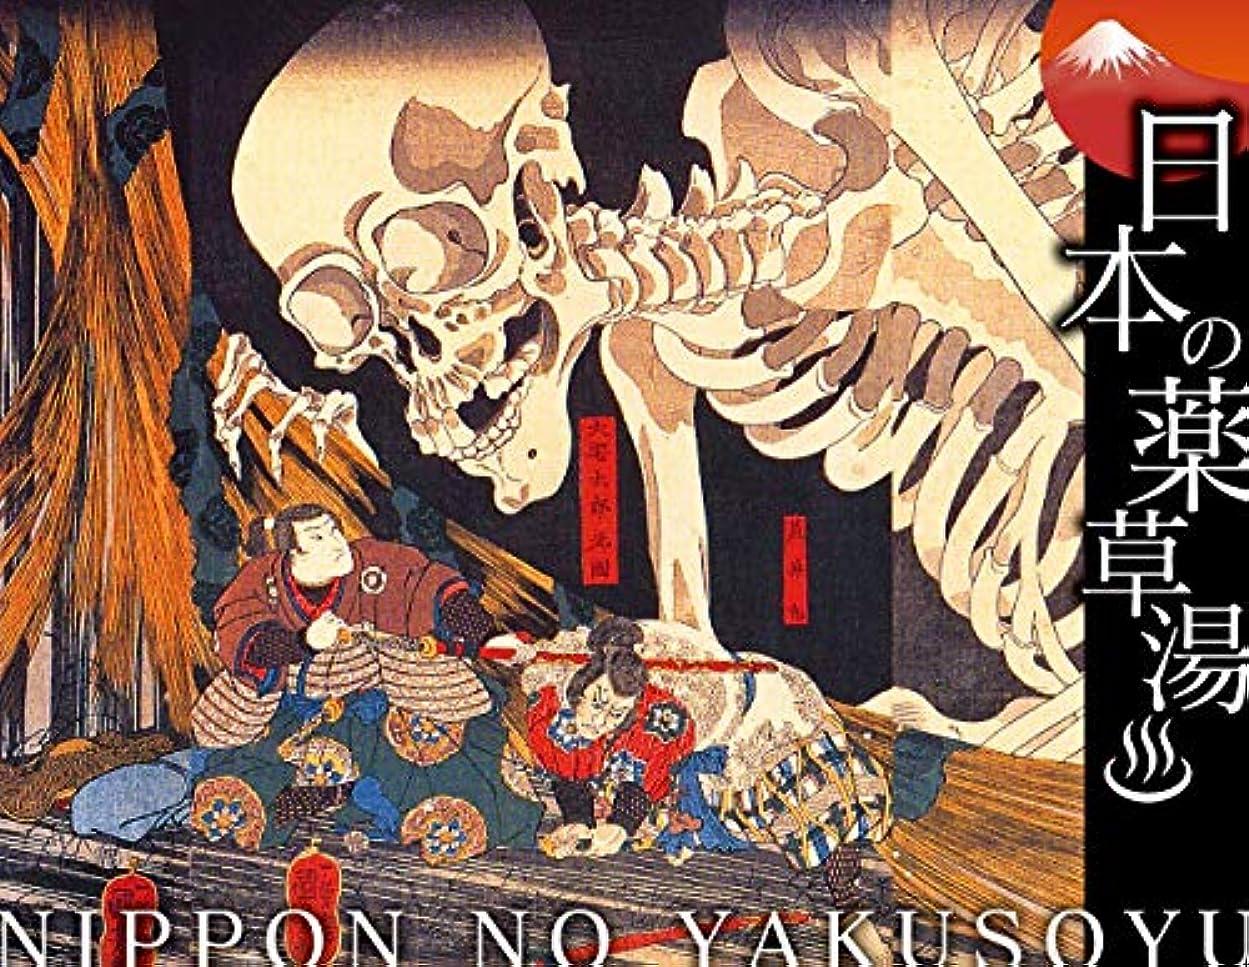 トン否認する快適日本の薬草湯 相馬の古内裏